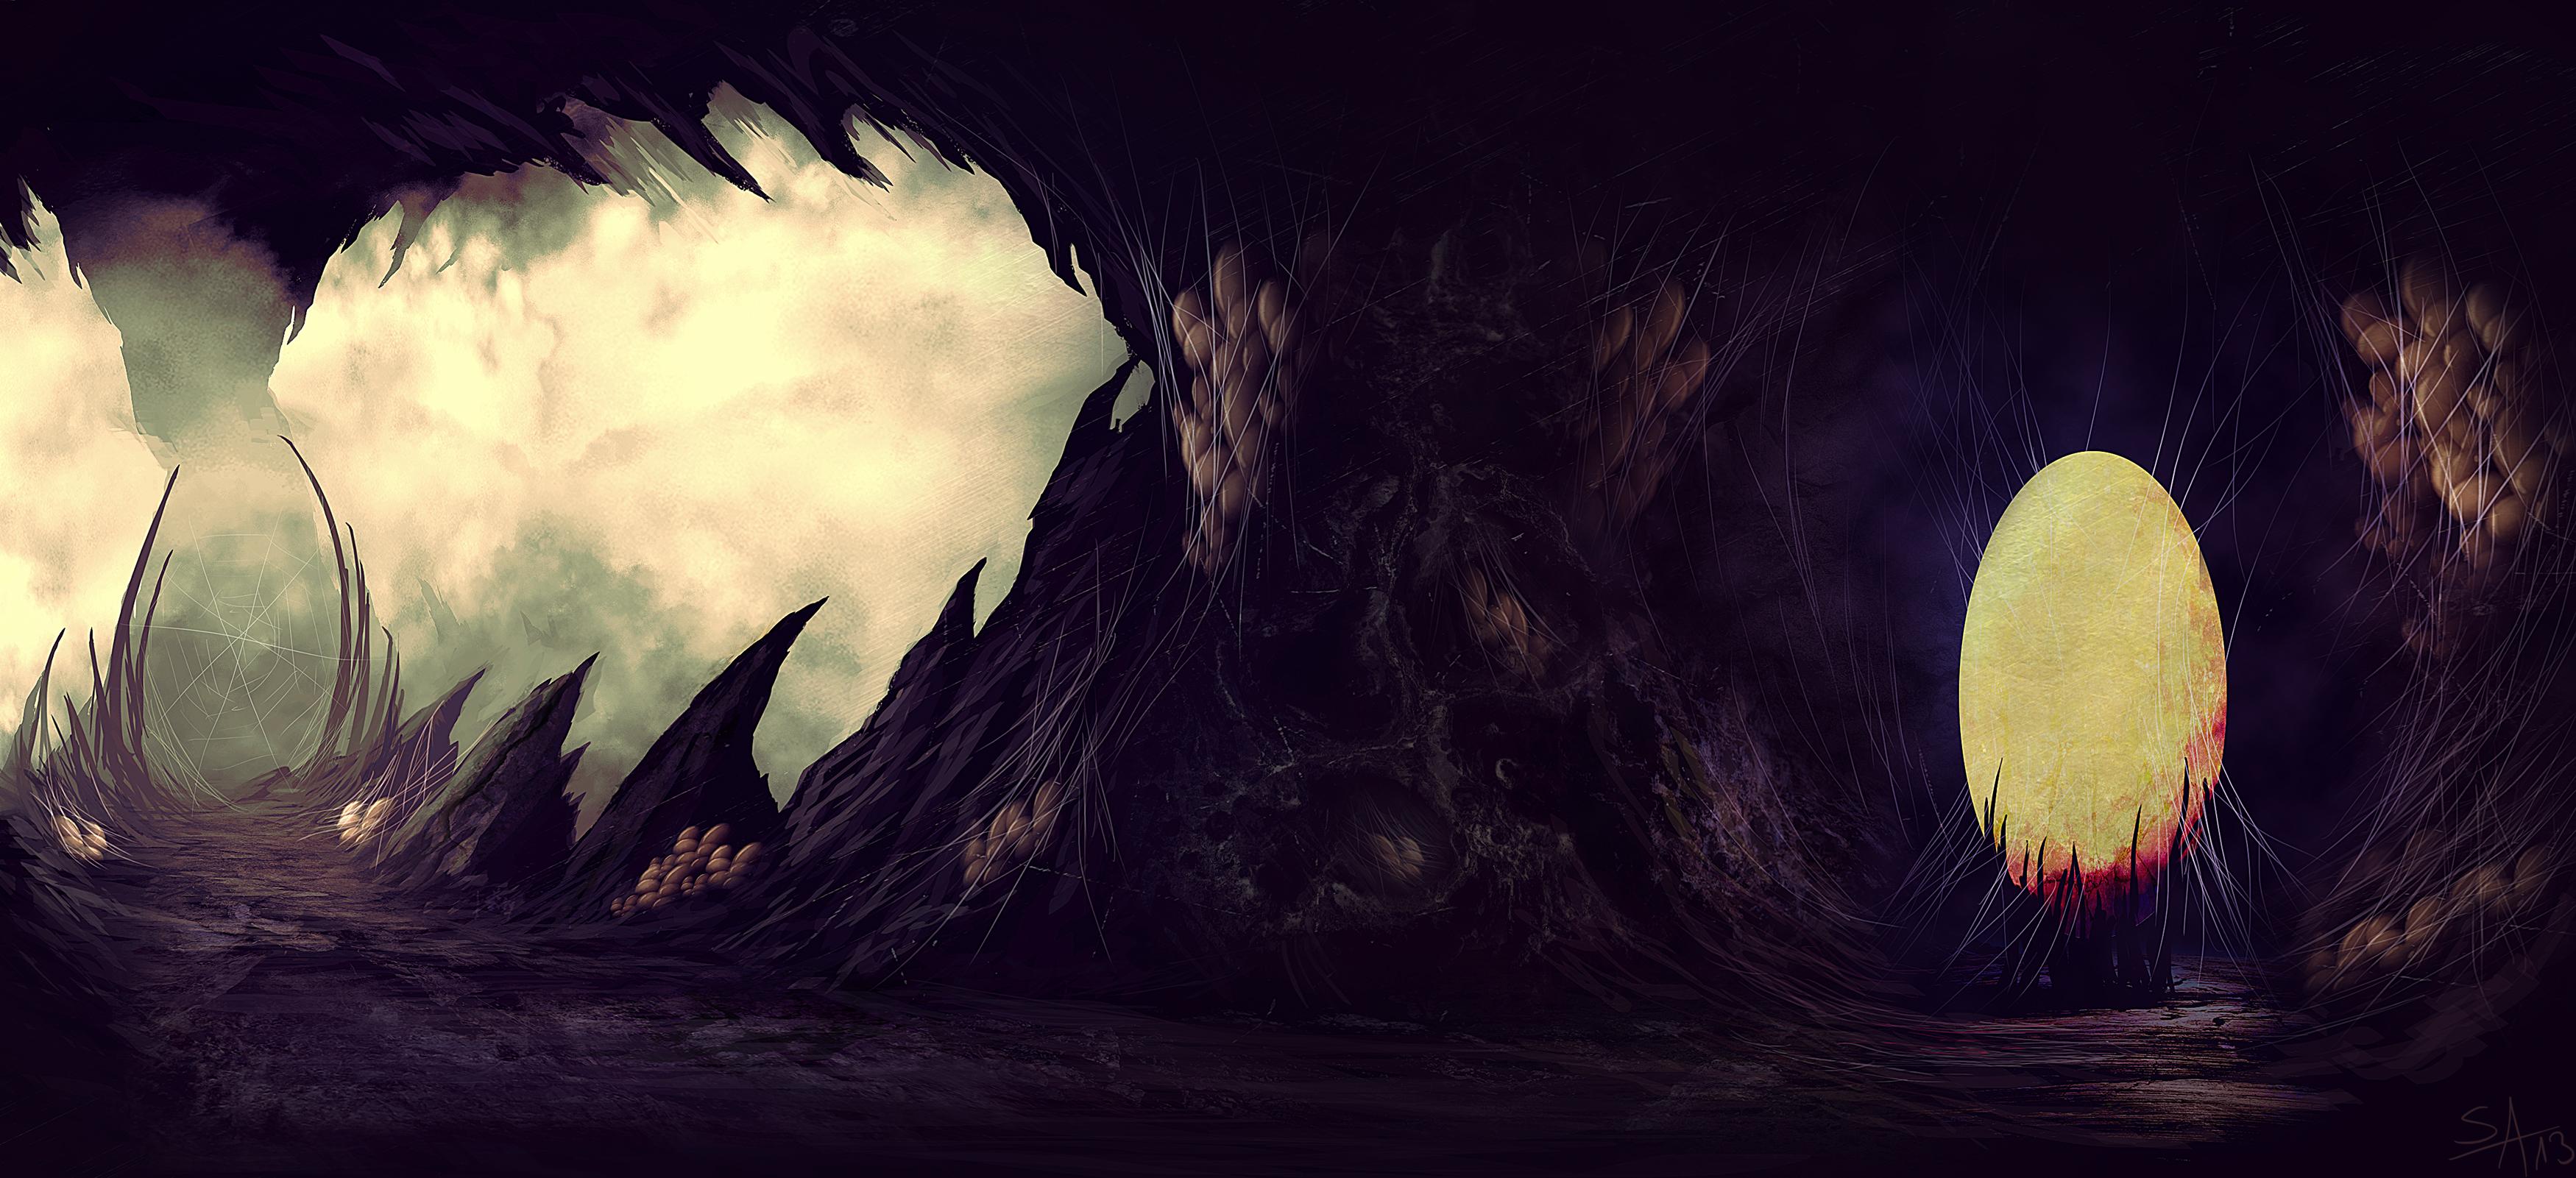 Arachnoid Nest by ShahabAlizadeh